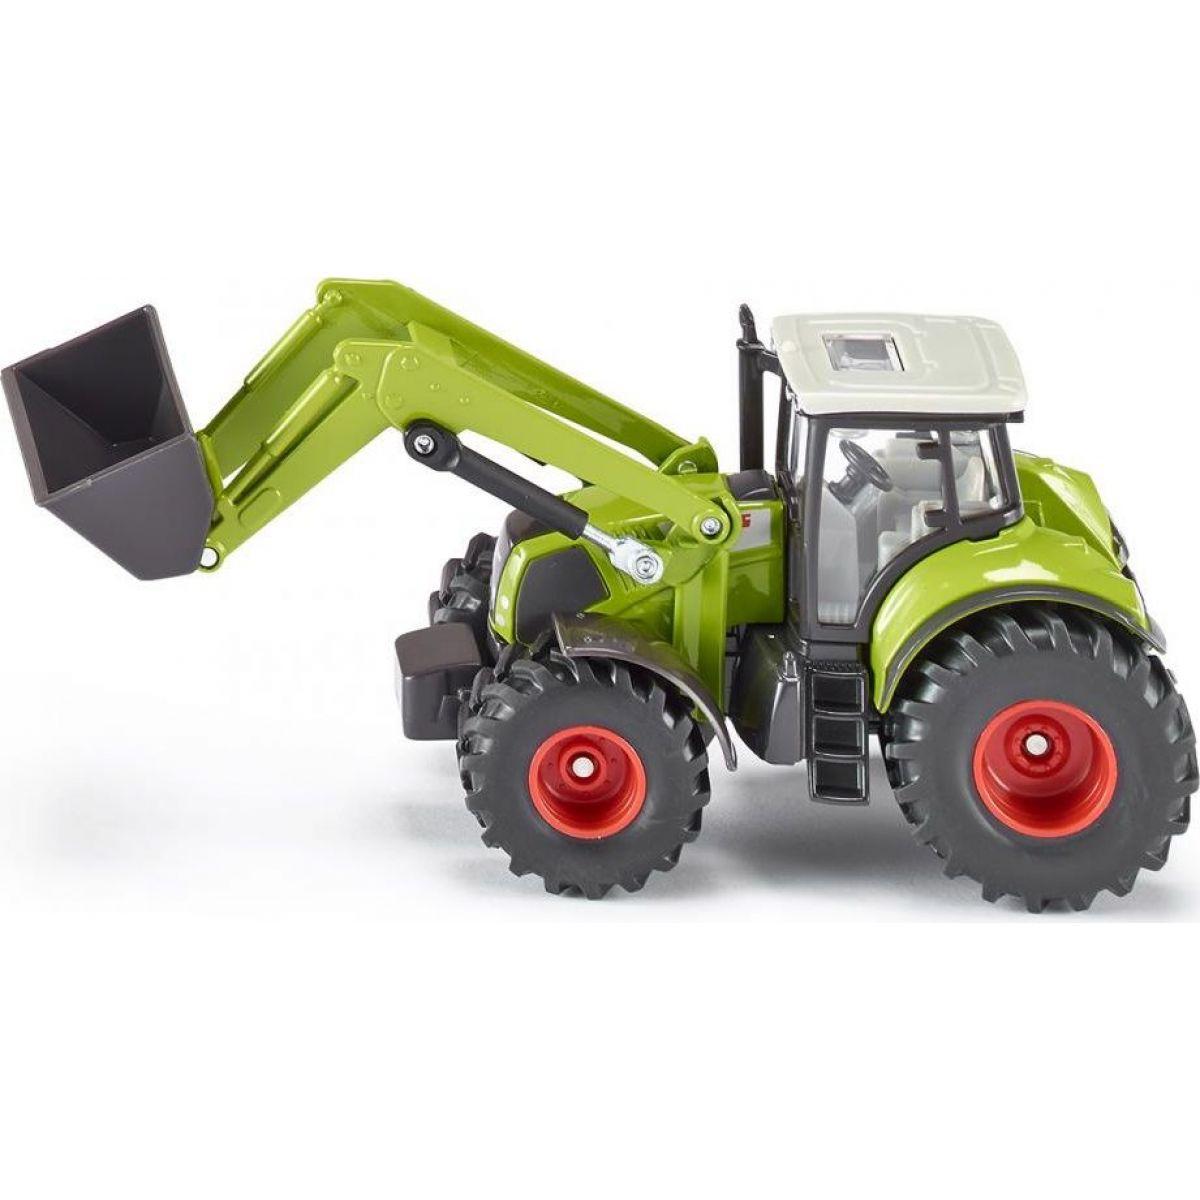 Siku 1979 Blister Traktor Claas s predným nakladačom 1:50